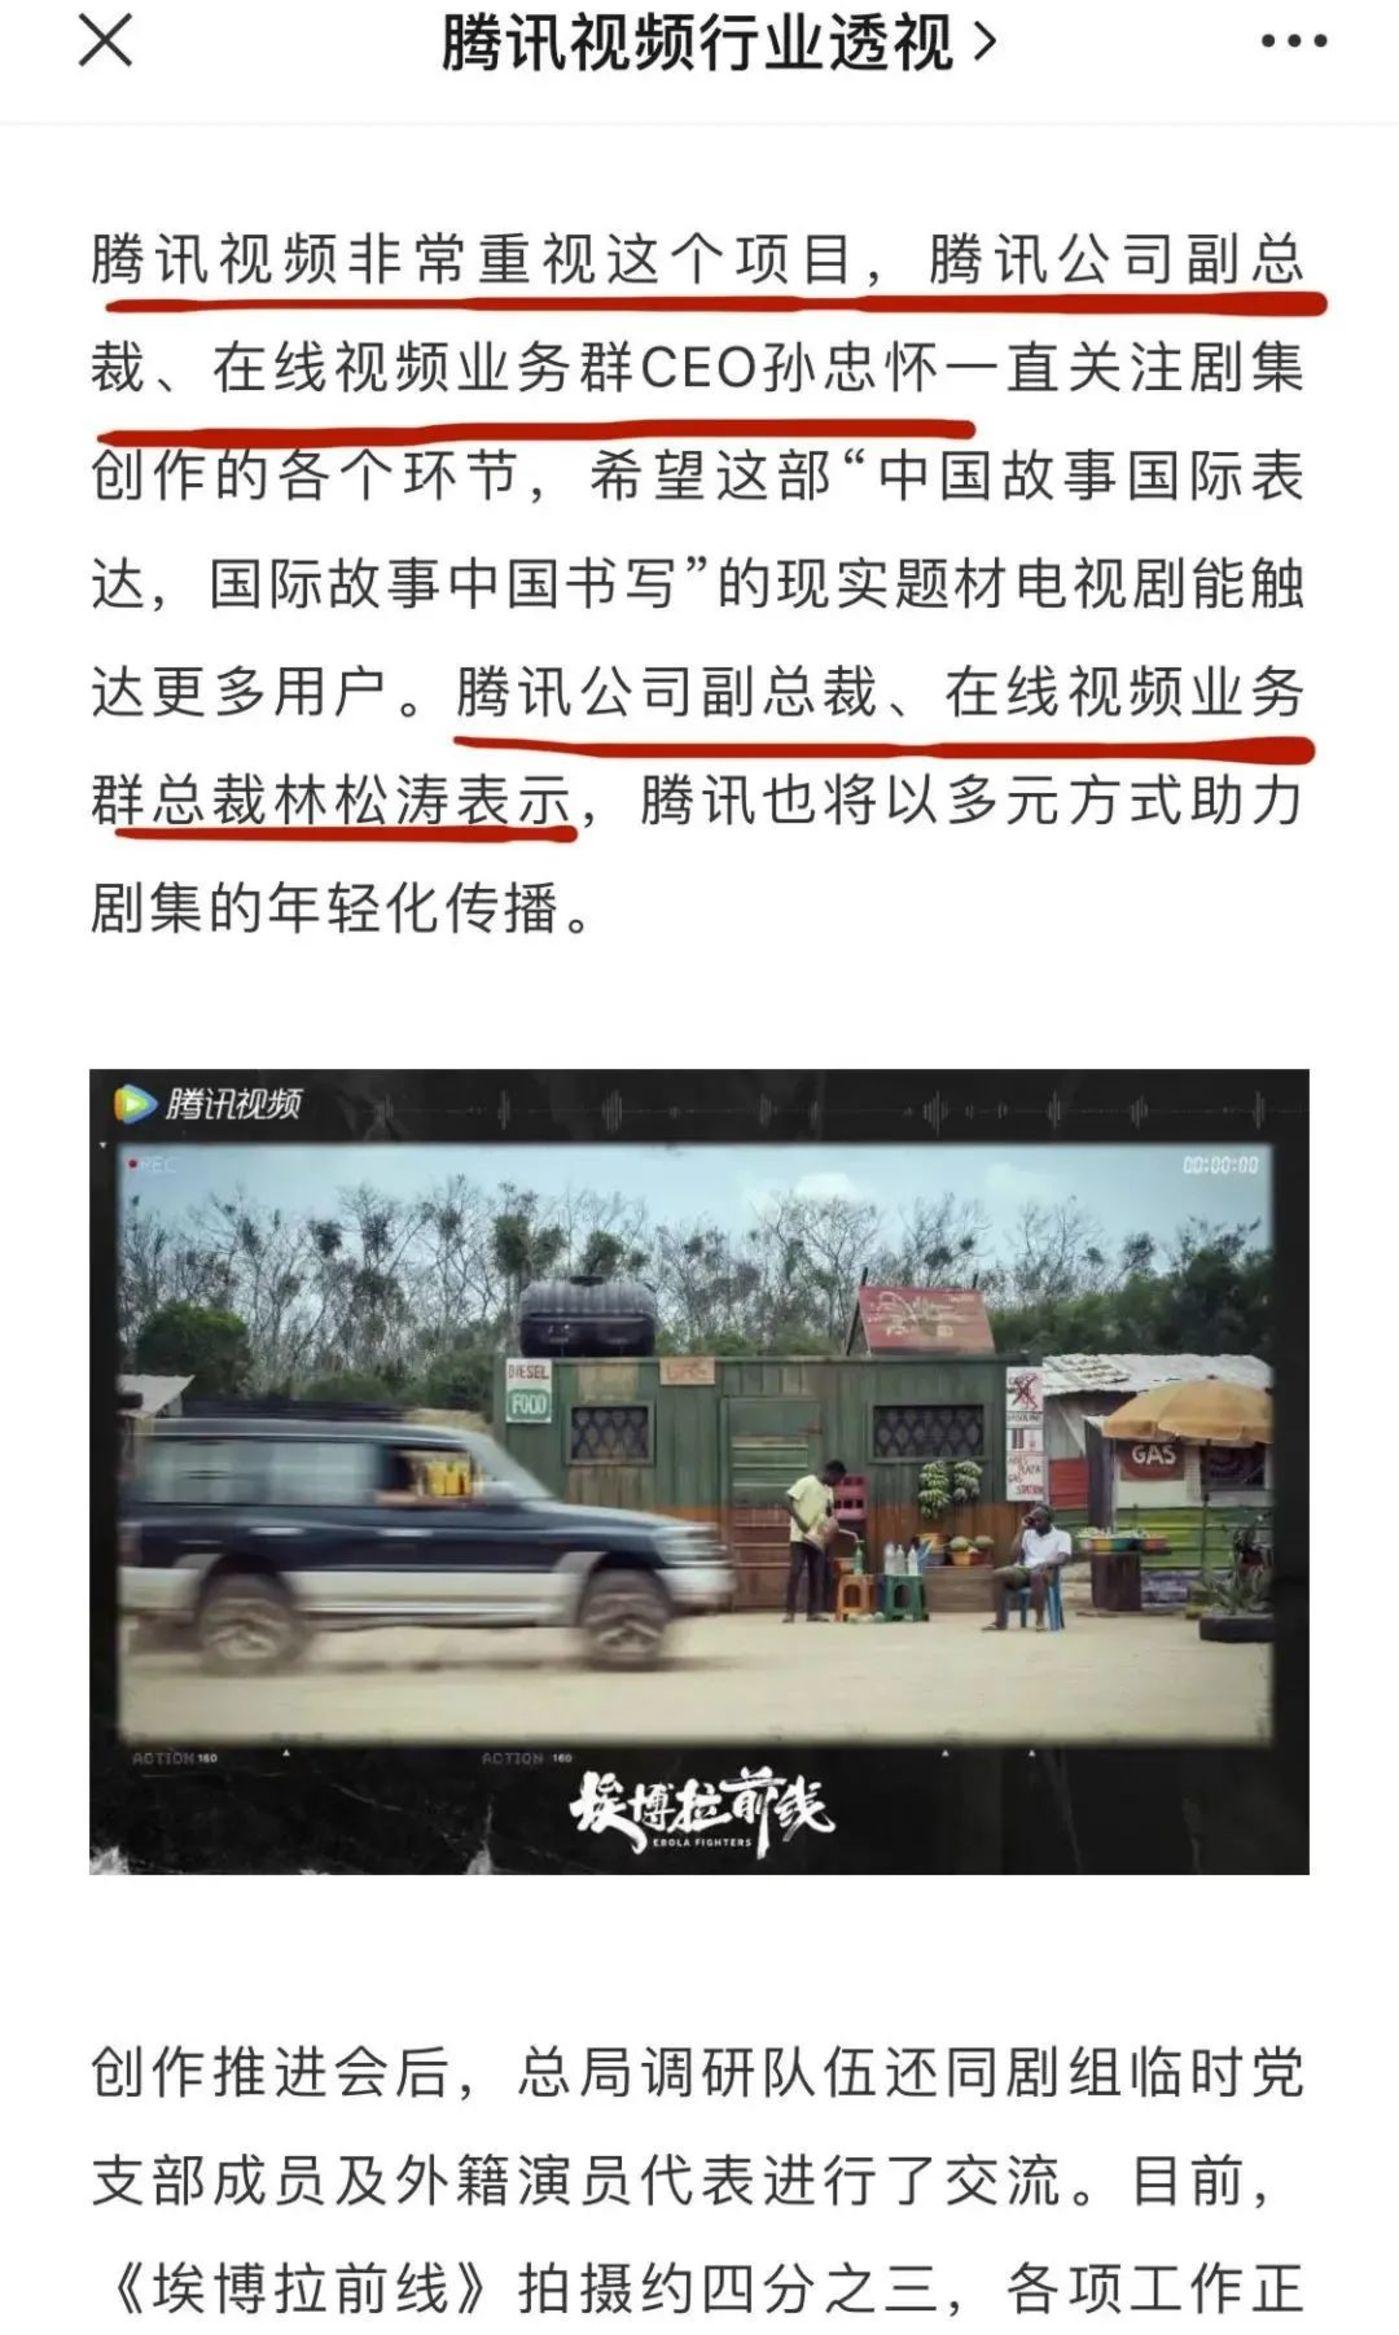 """3月21日《埃博拉前线》推进会相关报道 来源 / 公众号""""腾讯视频行业透视""""截图"""